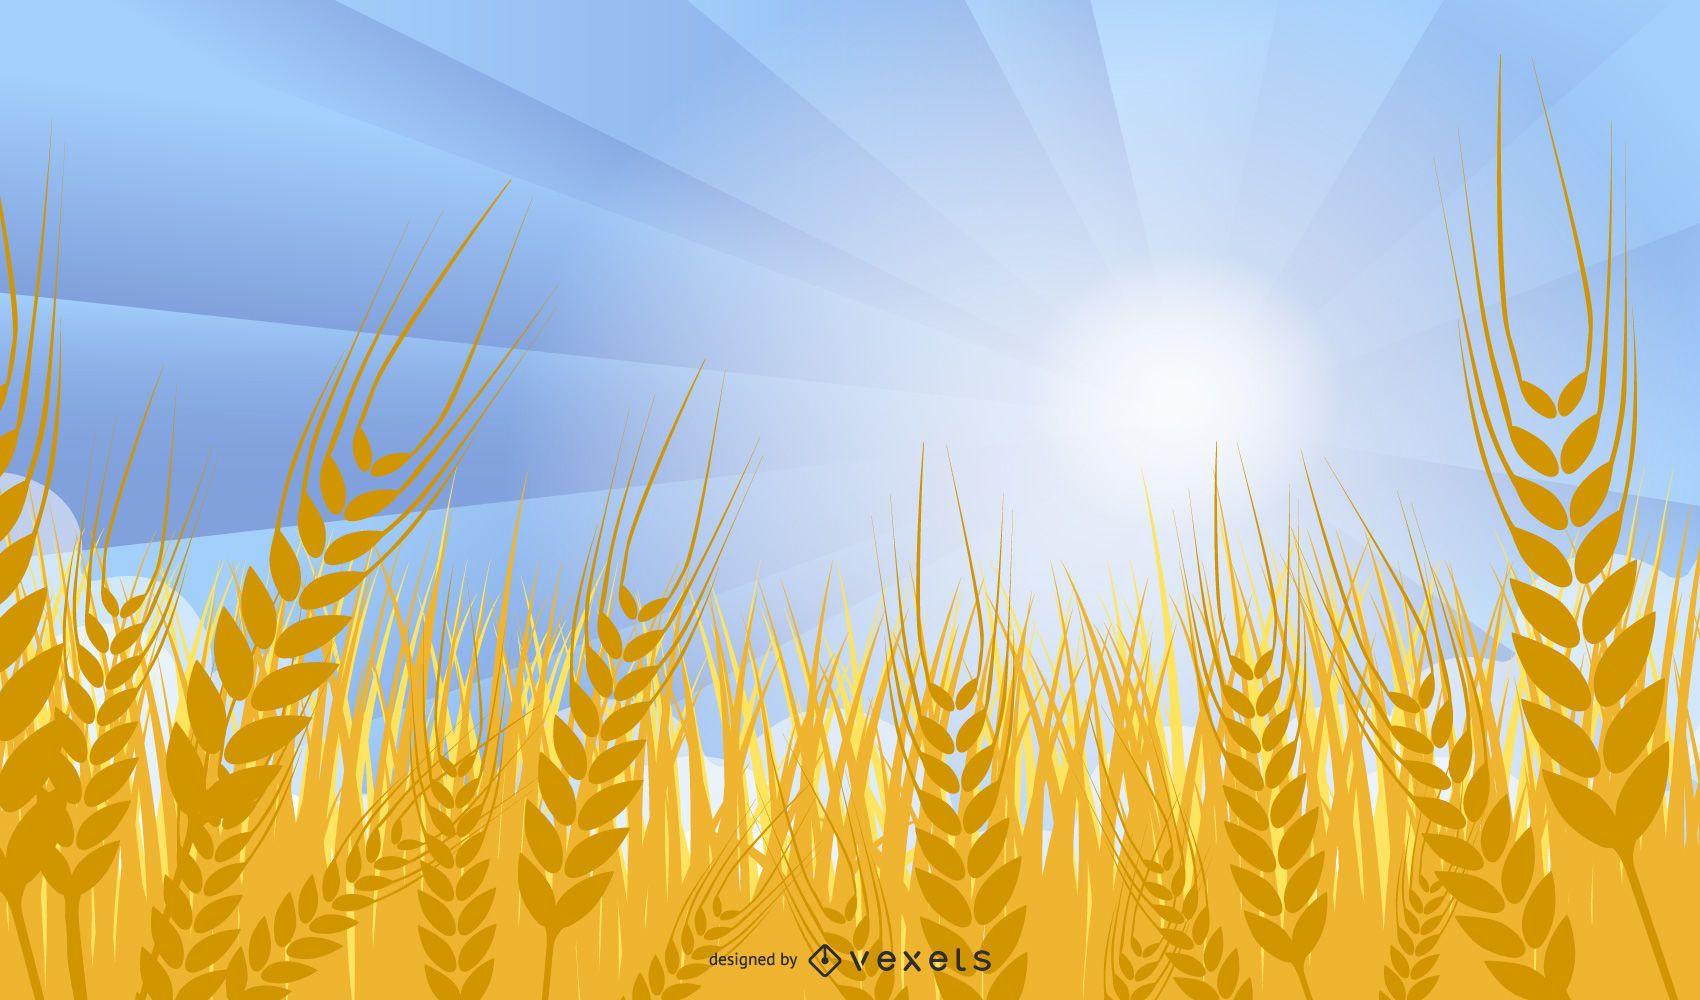 Campo de trigo de estilo funky en un día soleado